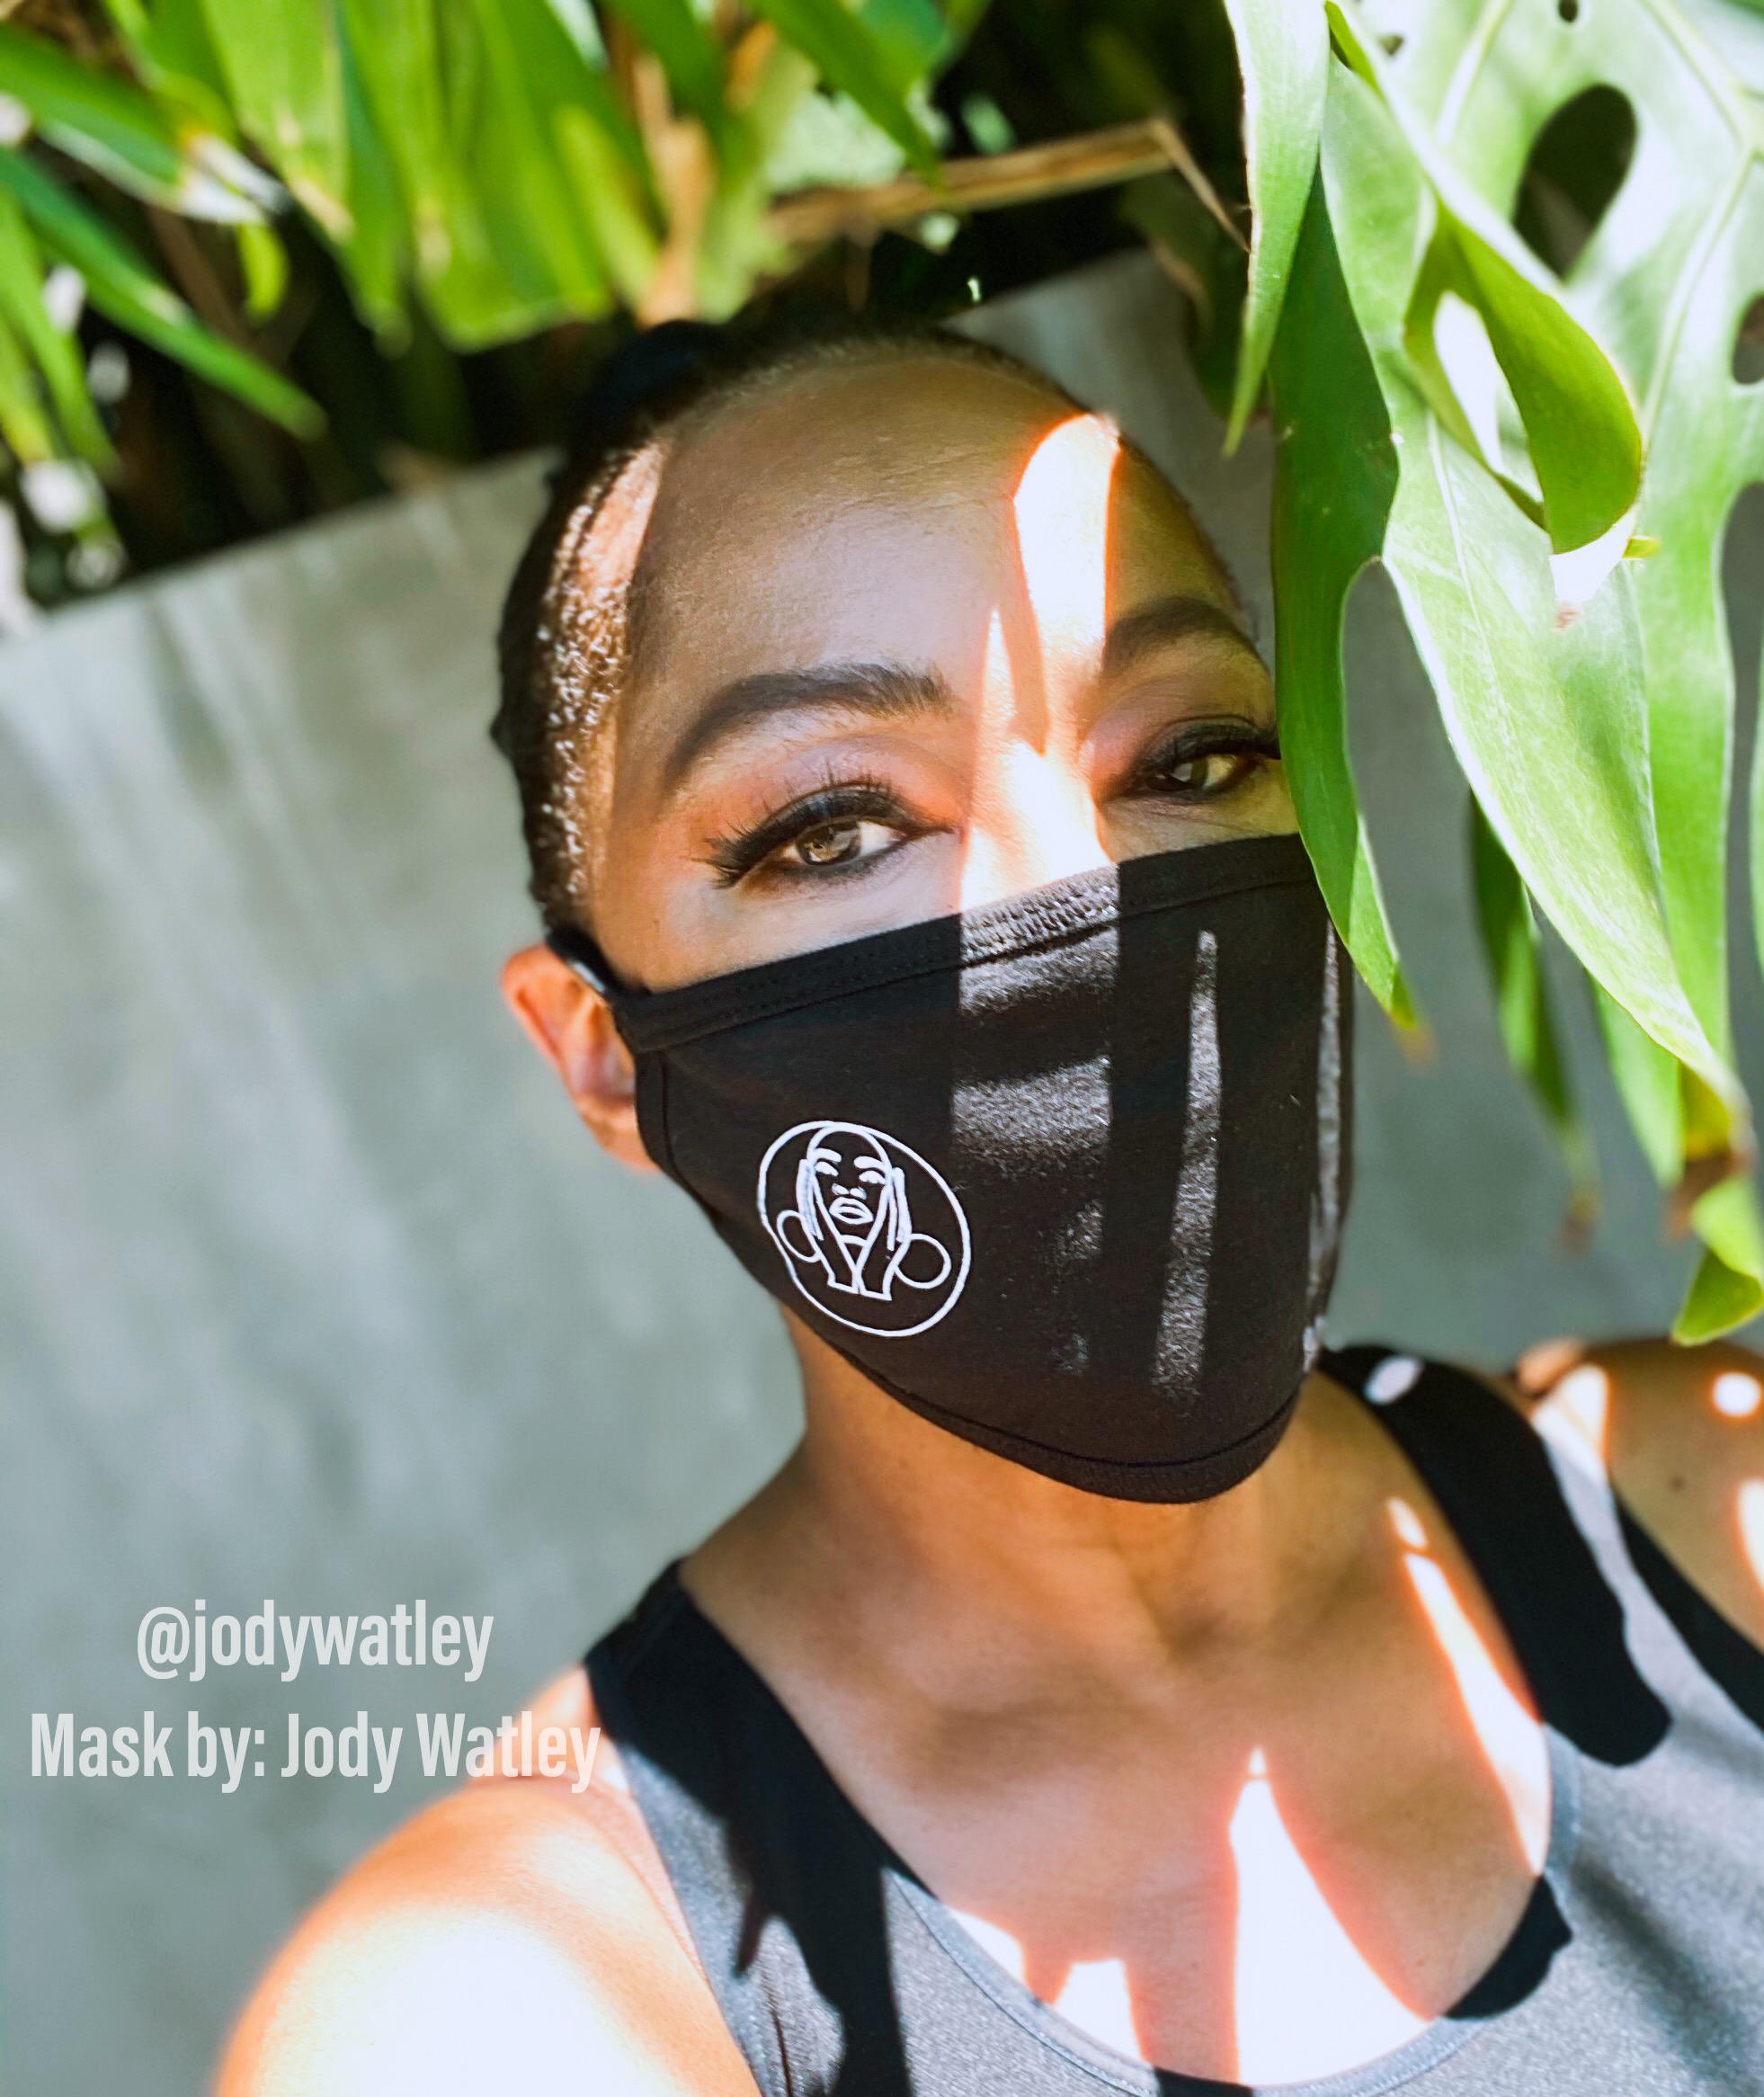 Jody Watley Facial Covering 2020 Signature Hoops